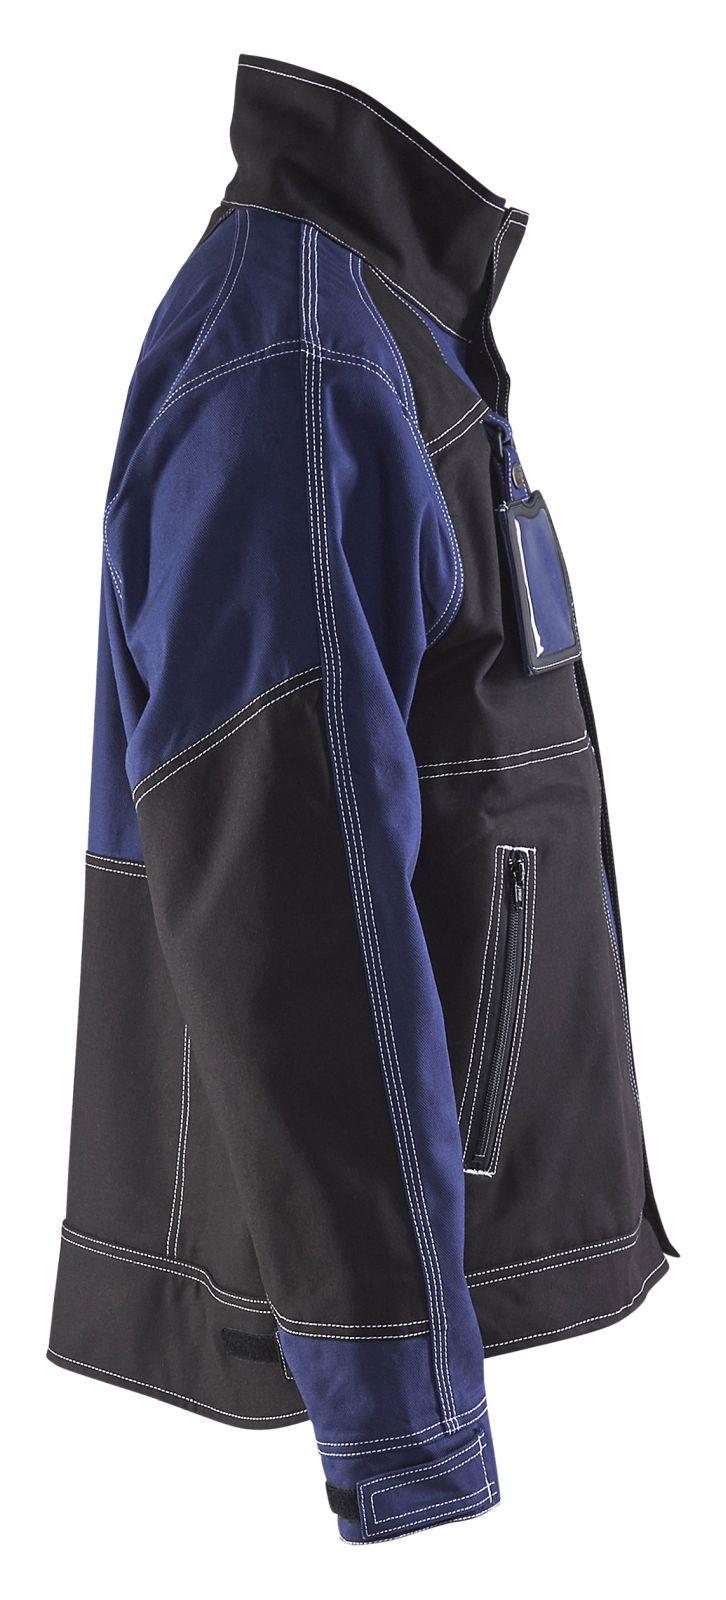 Blaklader Combi-jacks 40401370 marineblauw-zwart(8899)